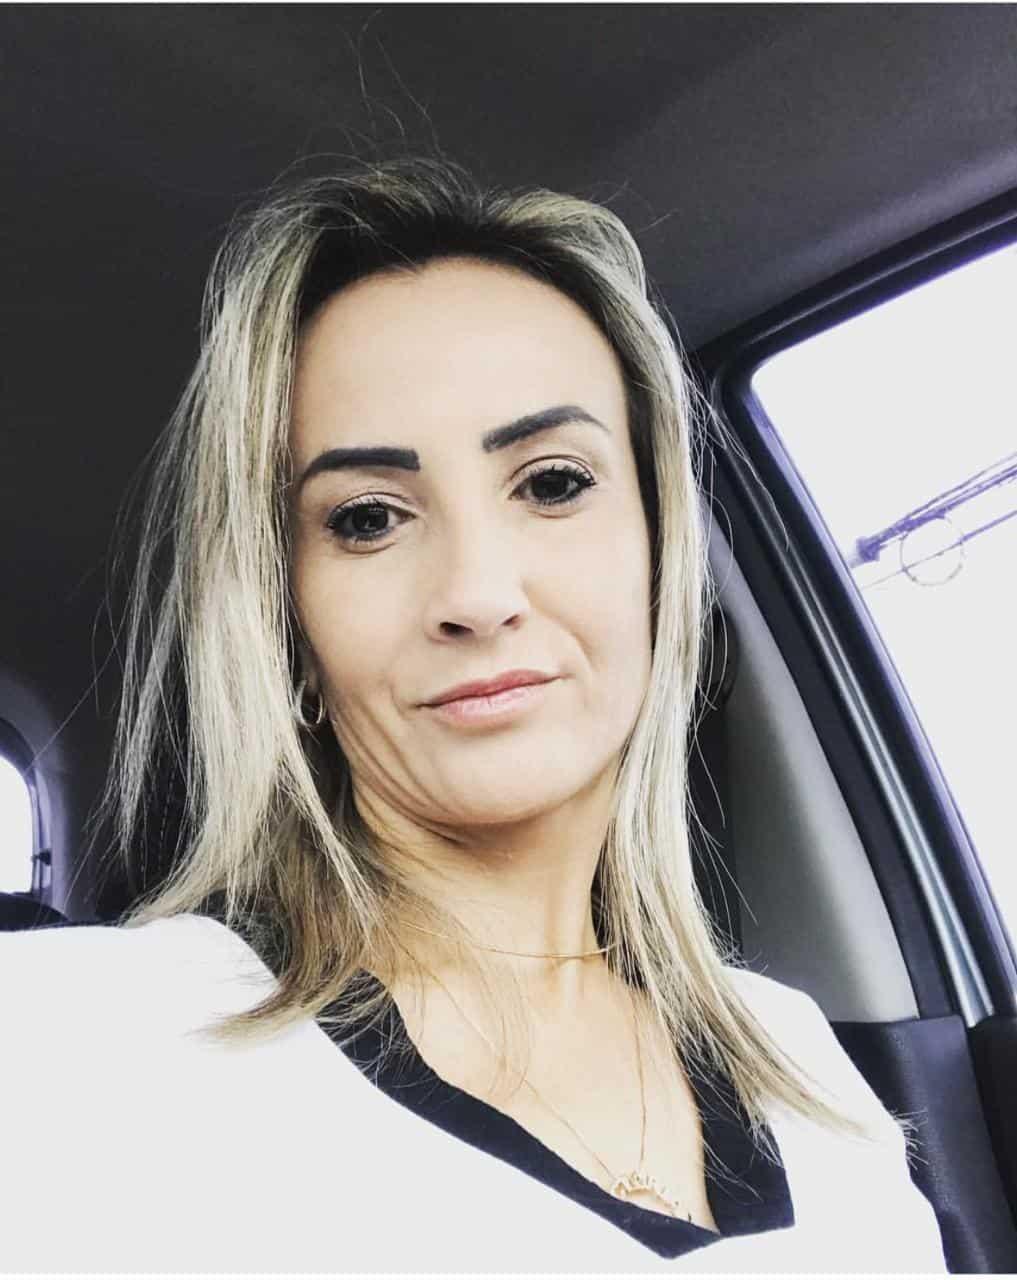 Michelle Polato